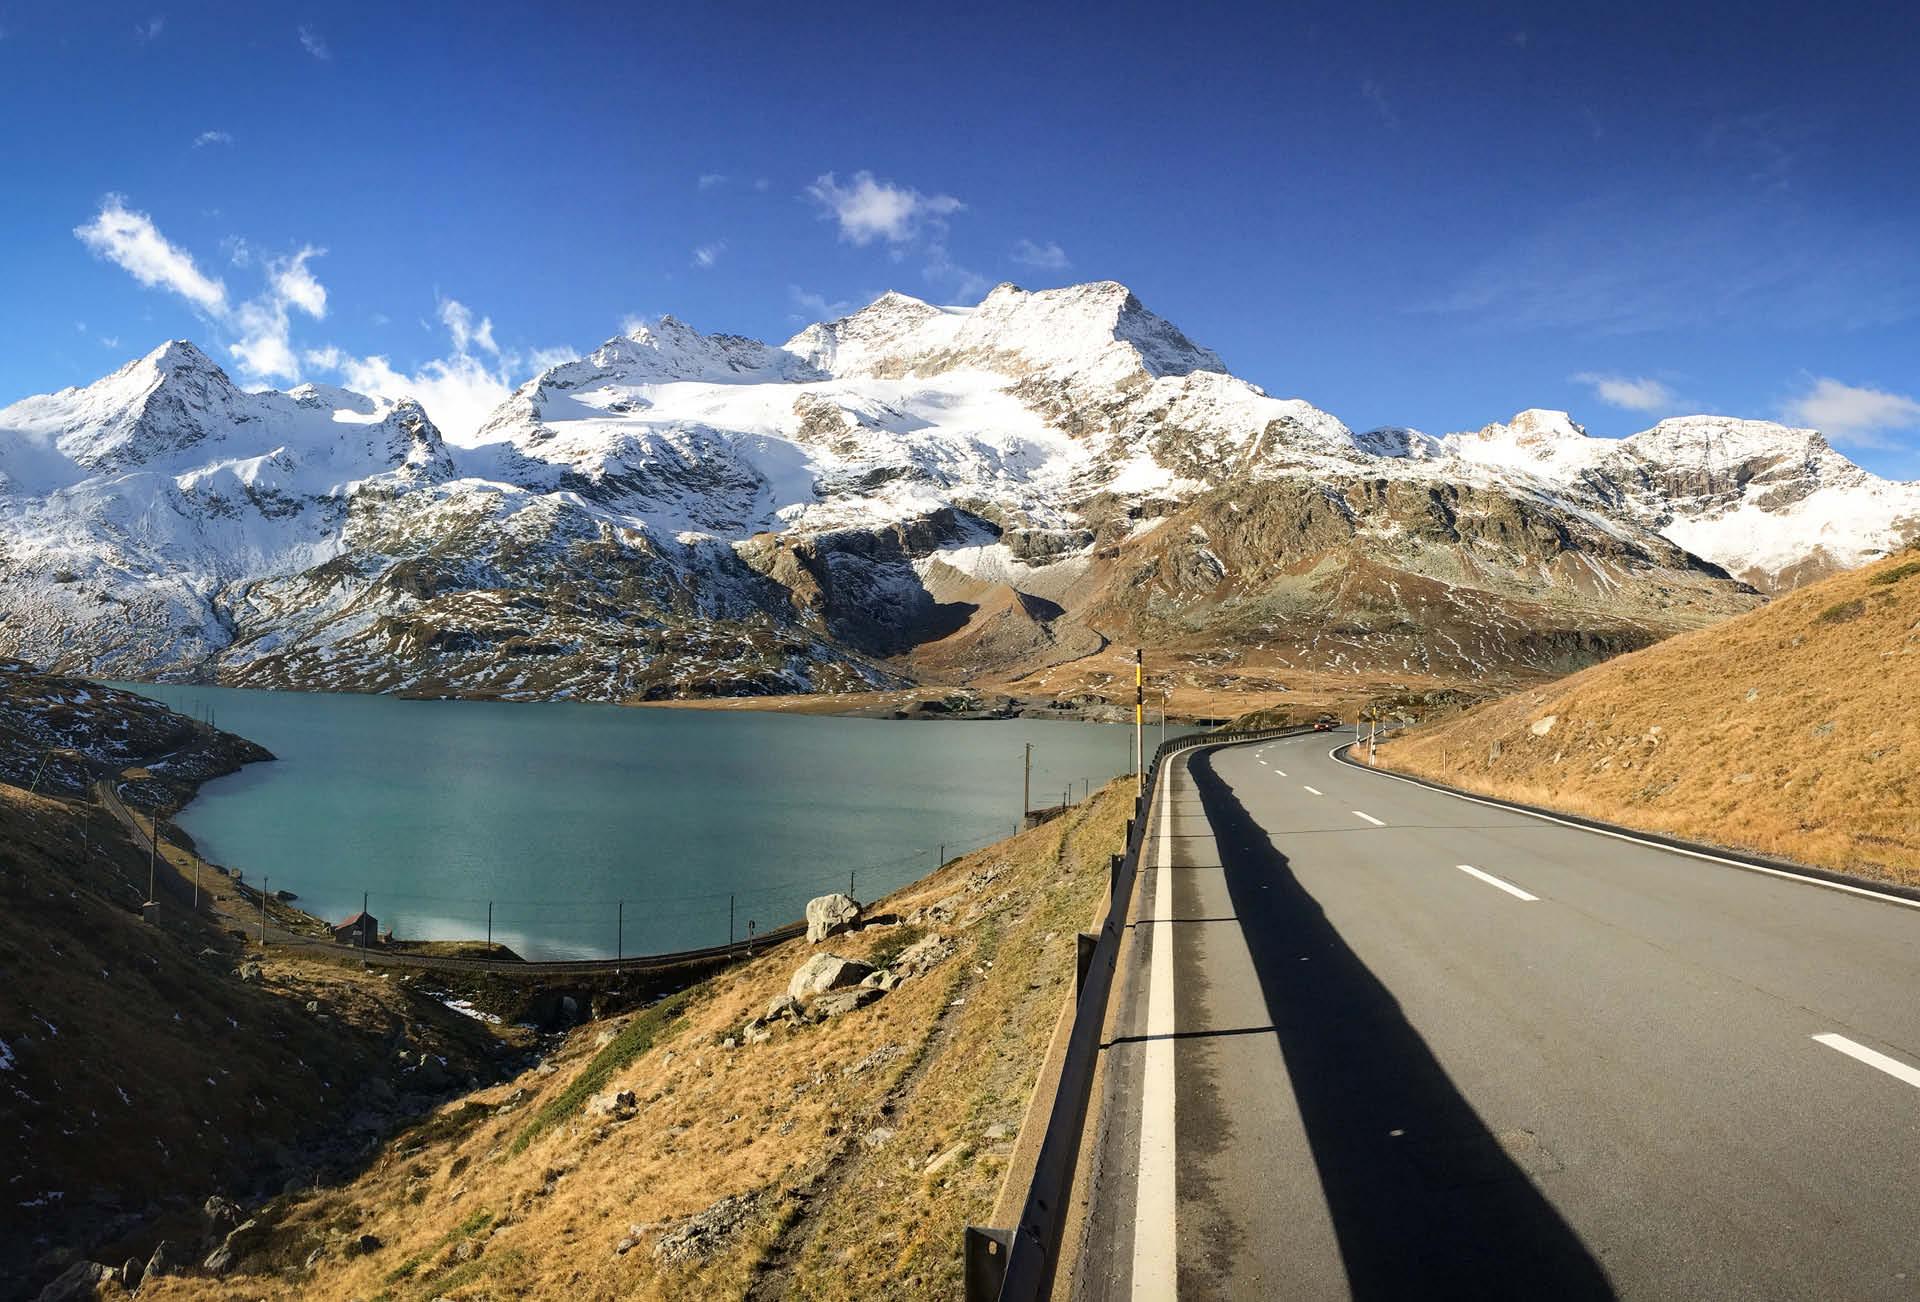 Radtour-schweiz7.jpg